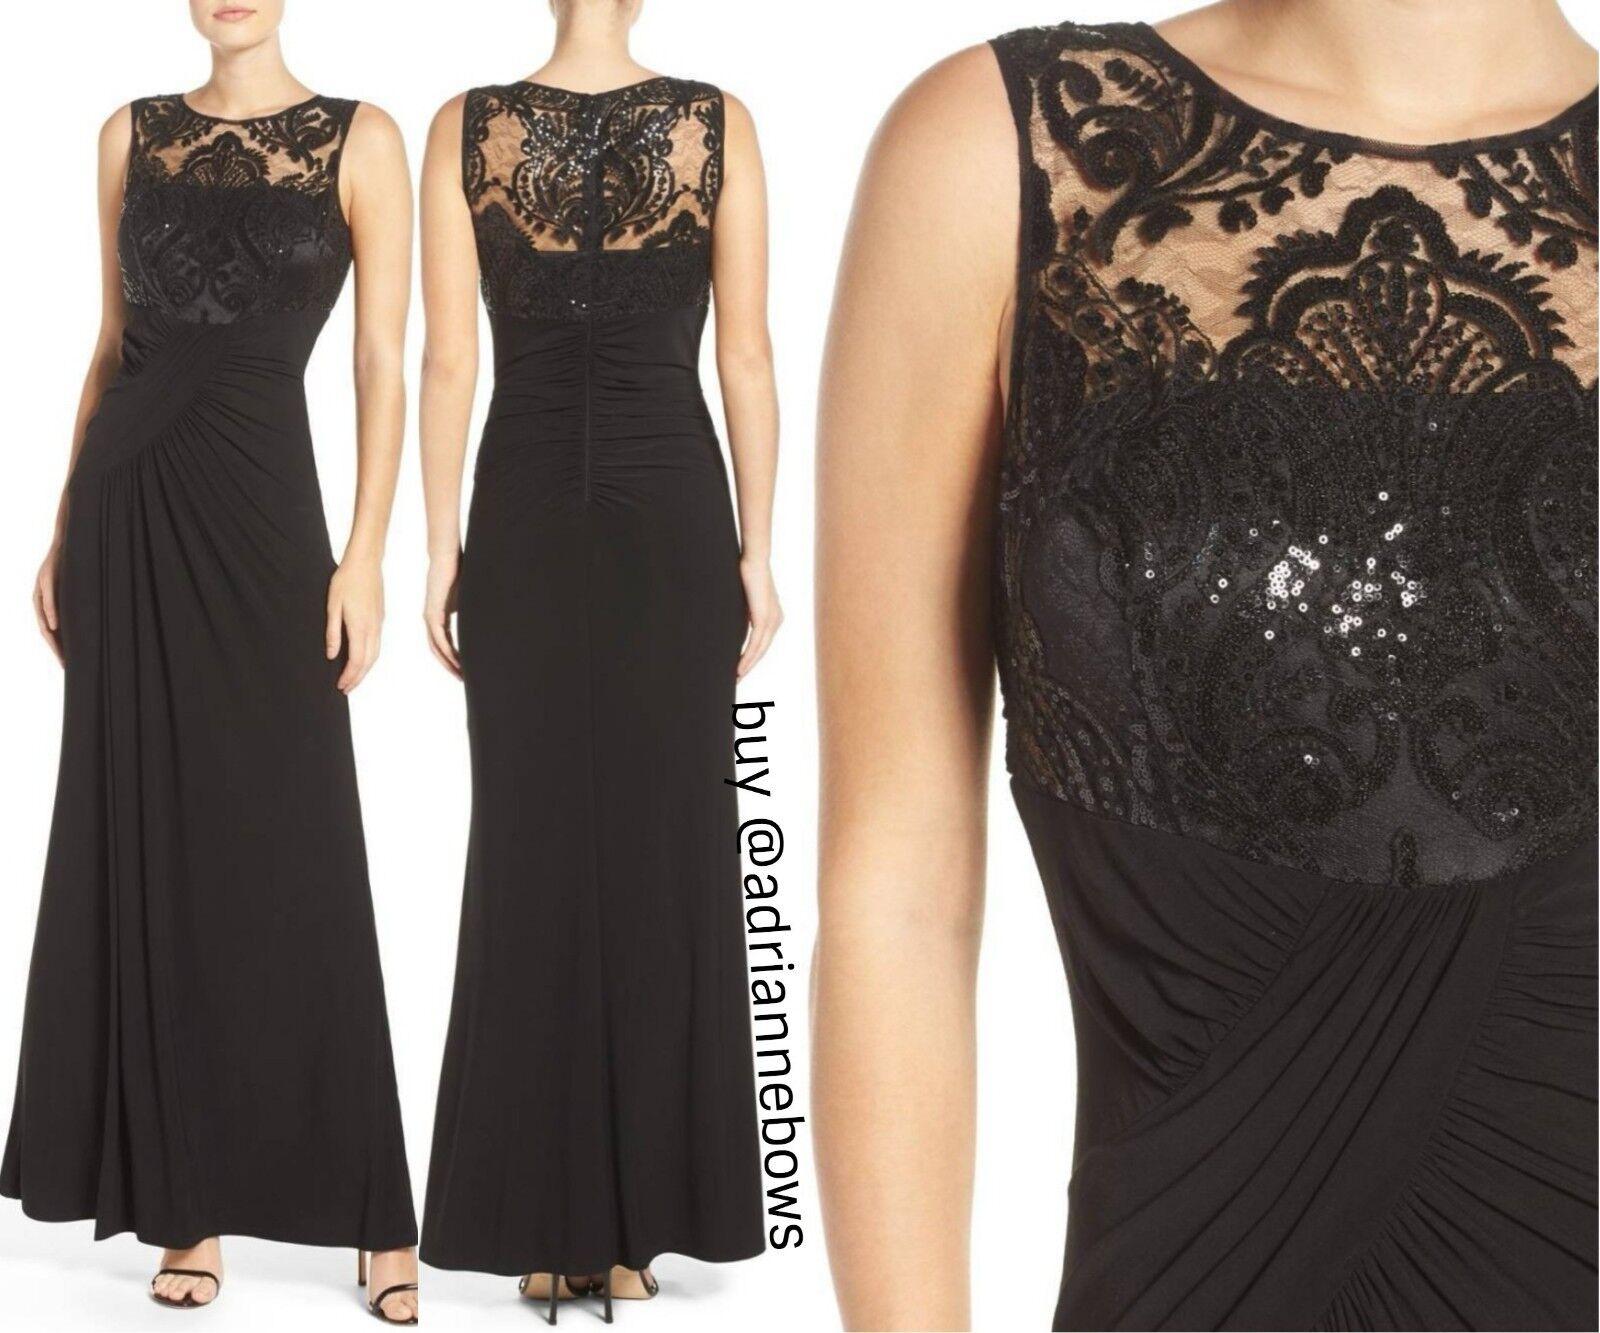 Nueva azulsa De Encaje Eliza J Con  Lentejuelas Vestido Vestido Negro Drapeado Jersey [Talla 4]  N886  deportes calientes